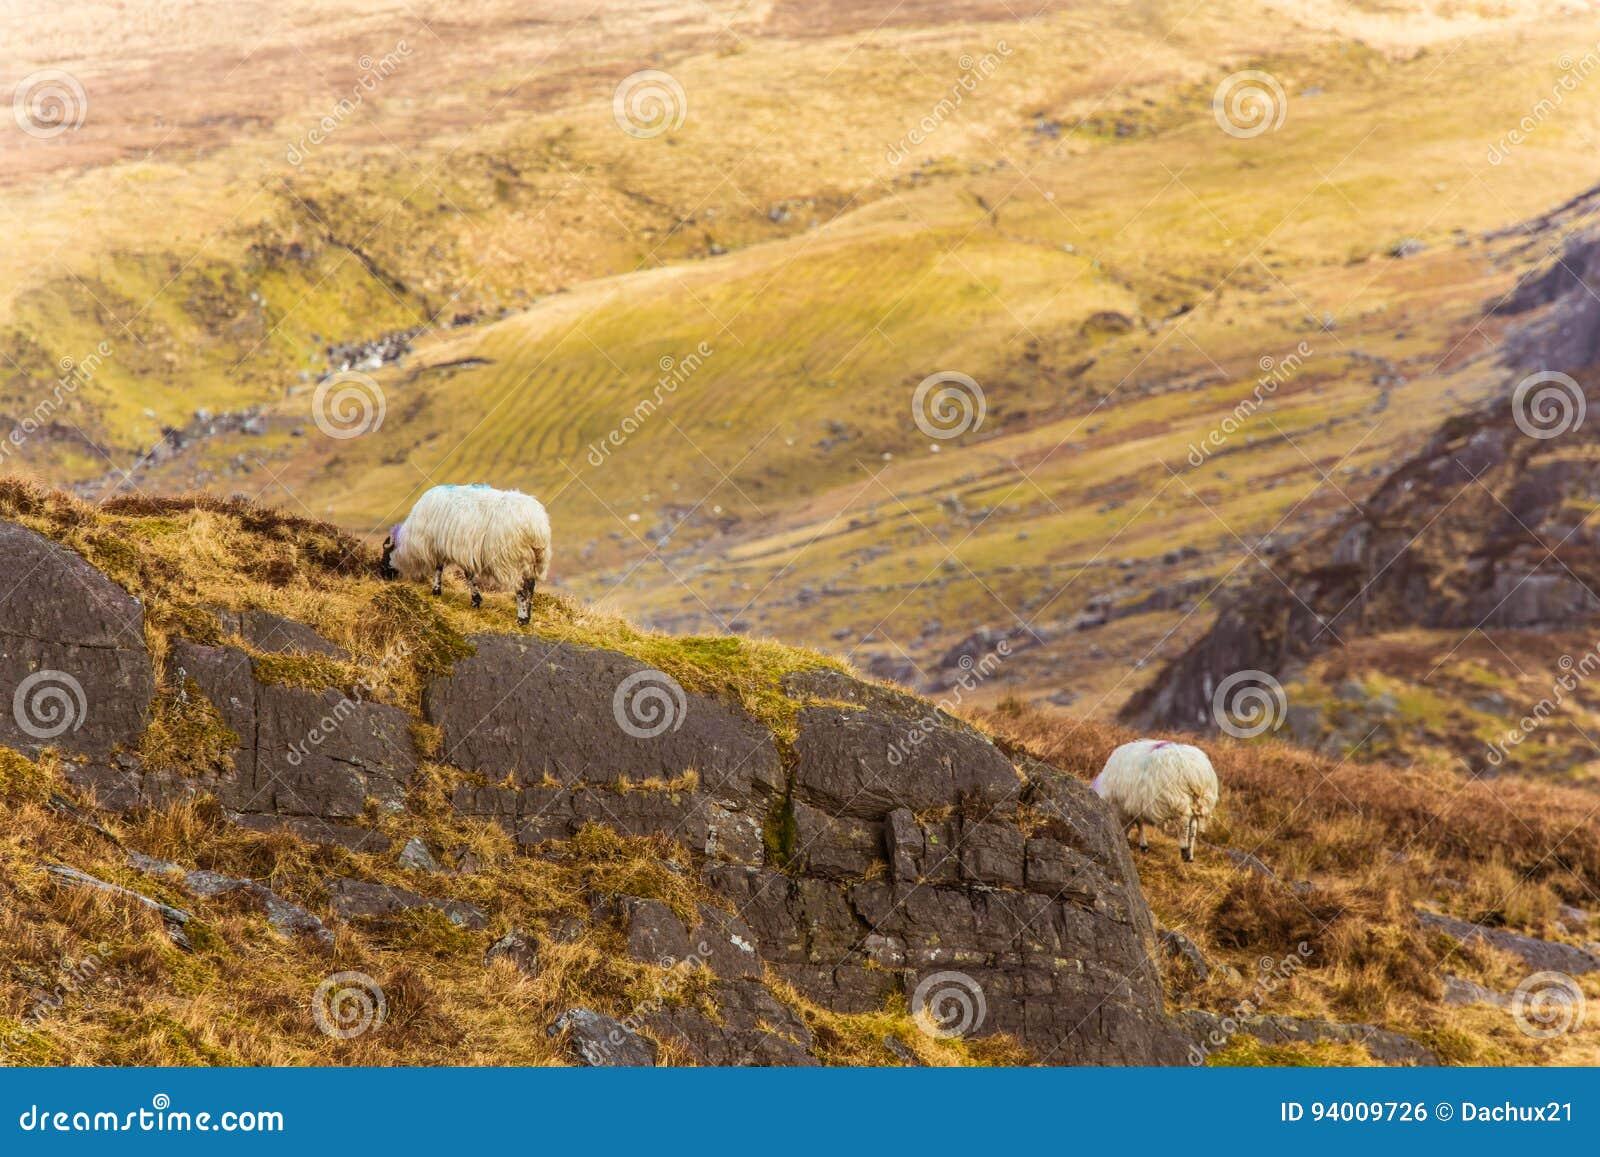 Un beau paysage irlandais de montagne au printemps avec des moutons